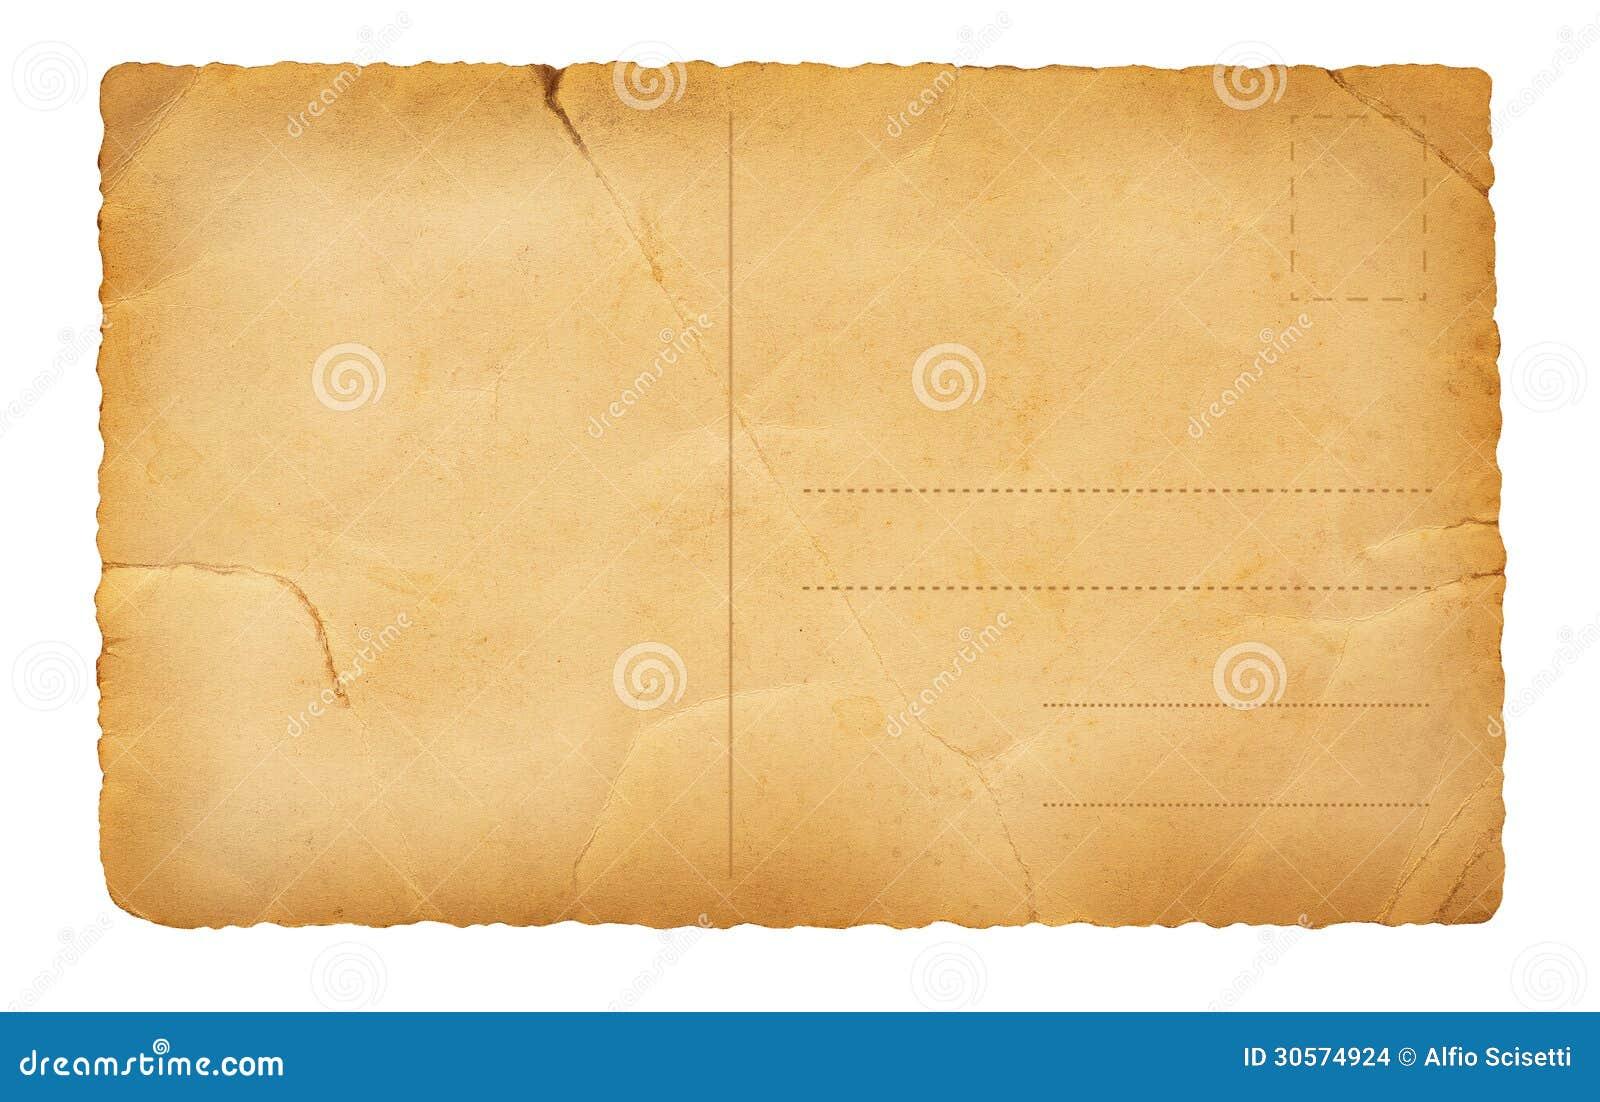 Vecchia cartolina posteriore